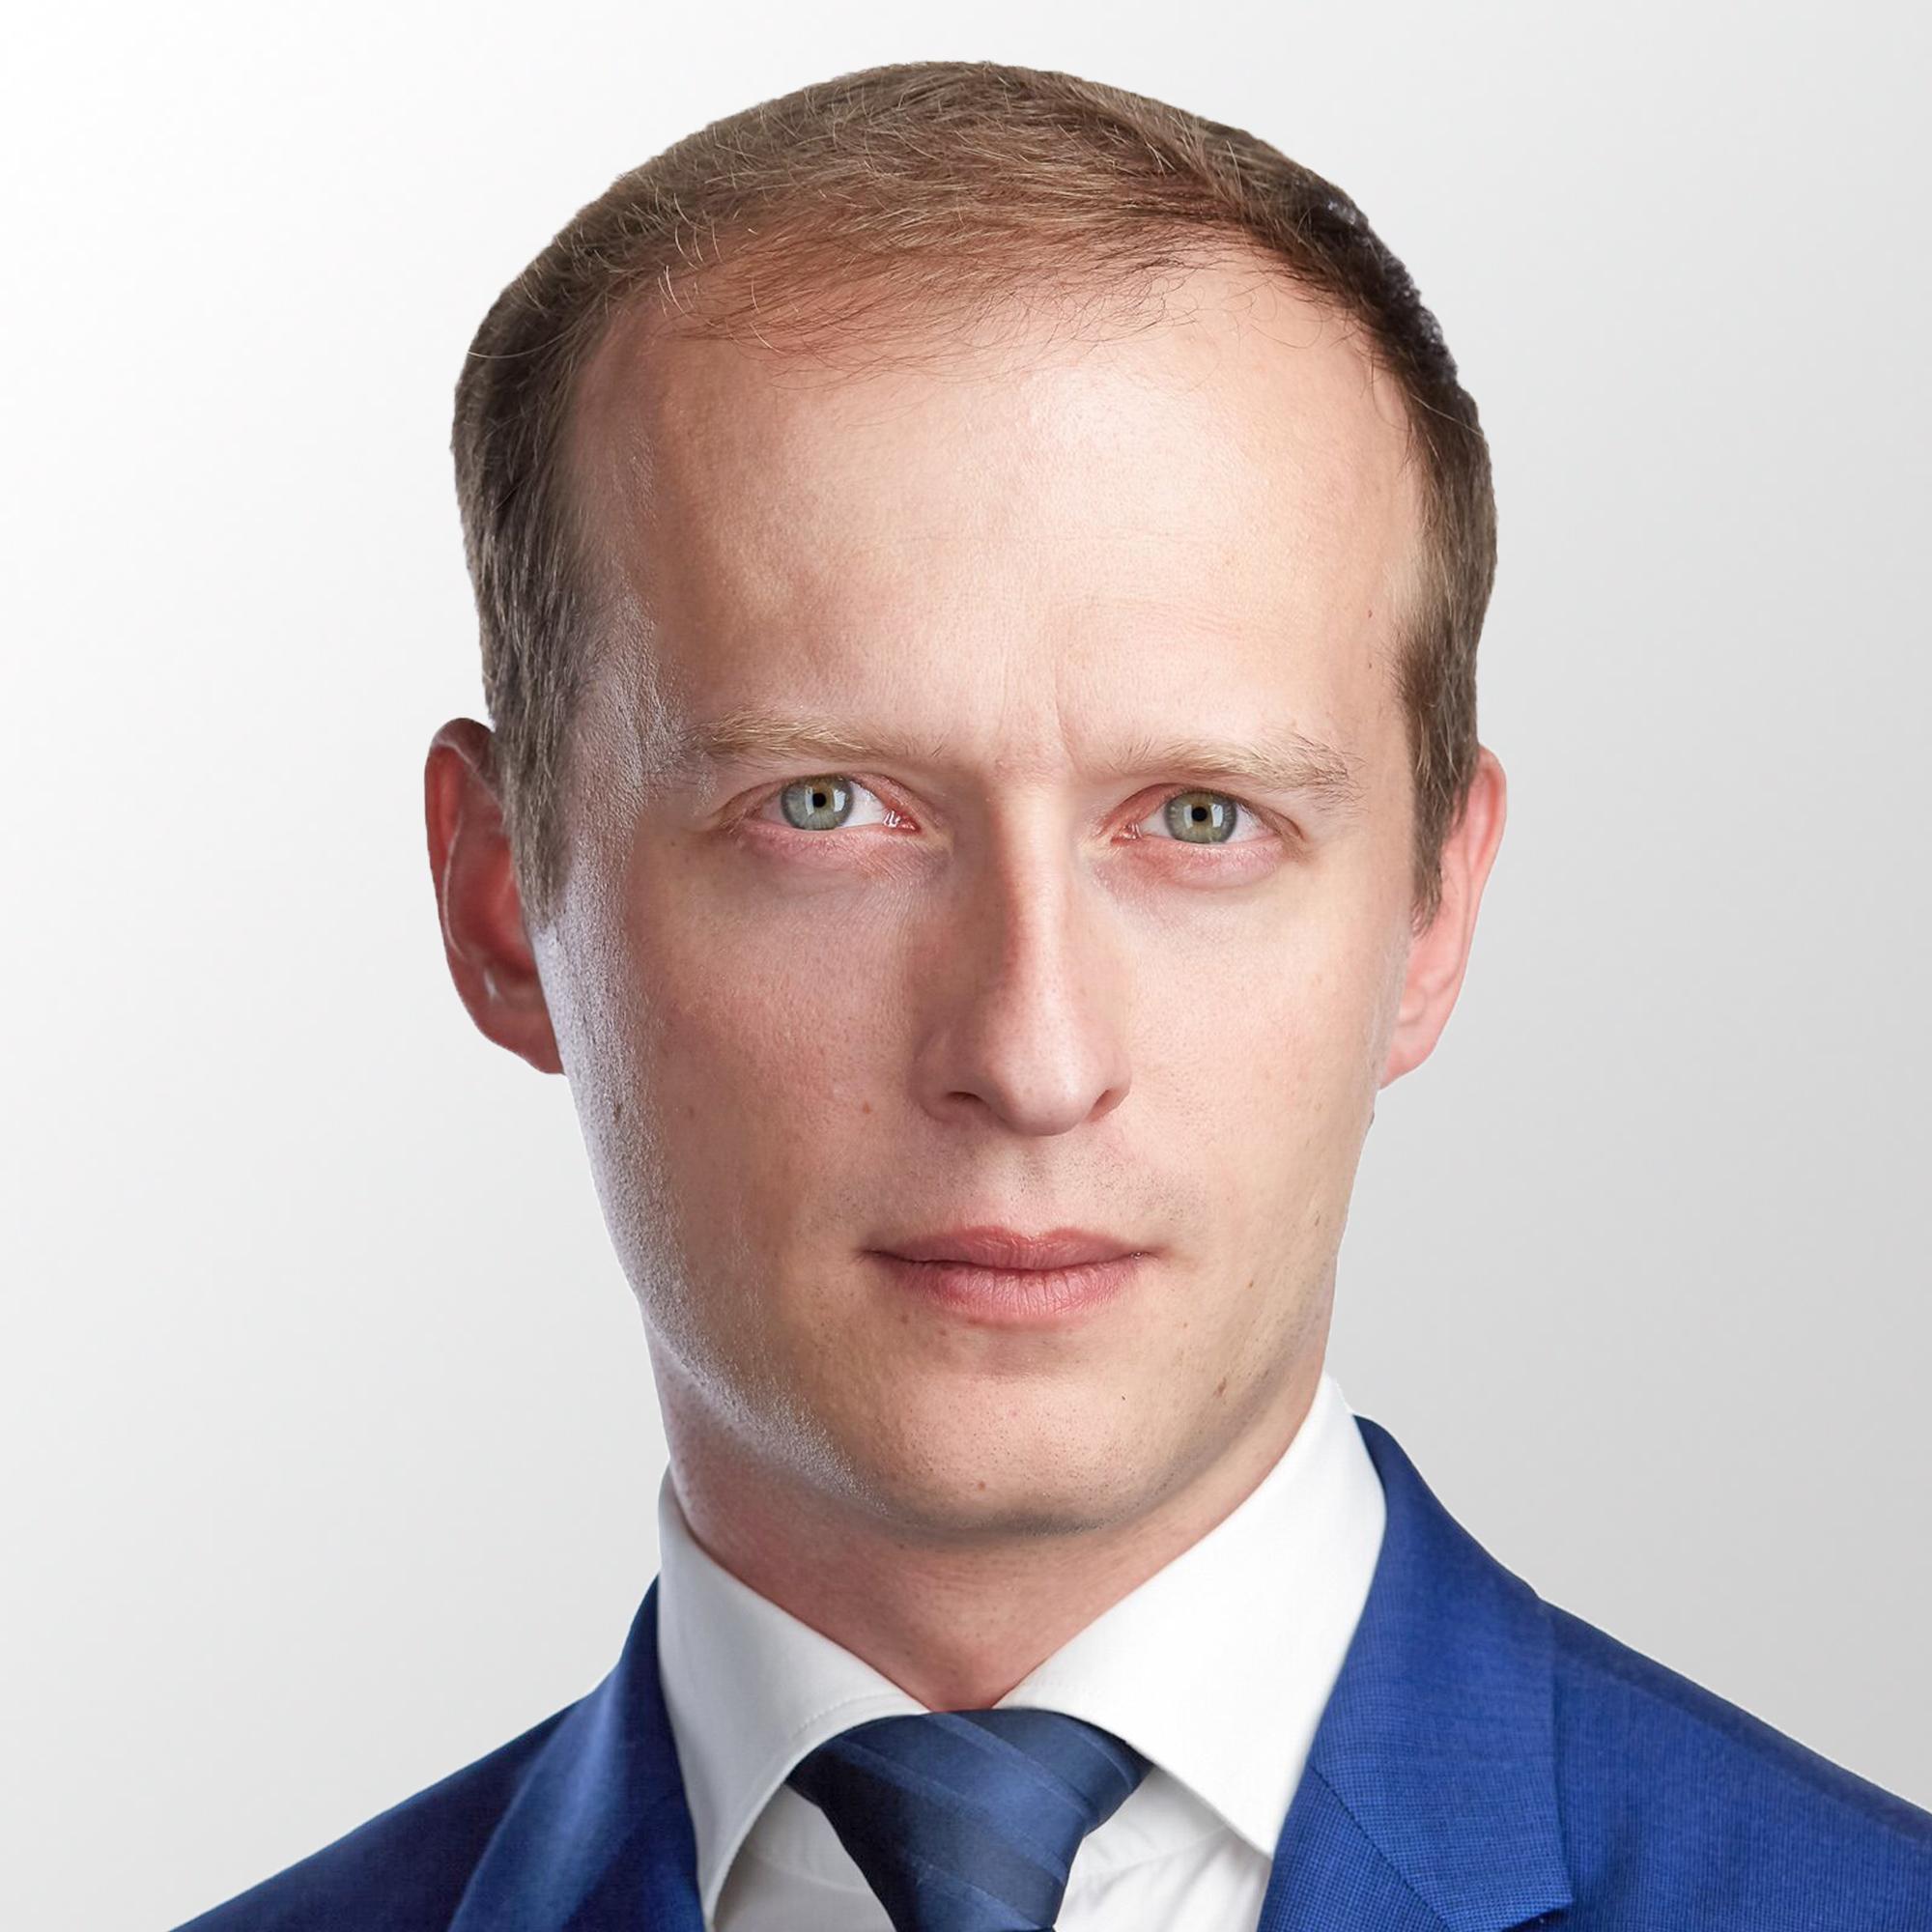 Andrey Porfiriev